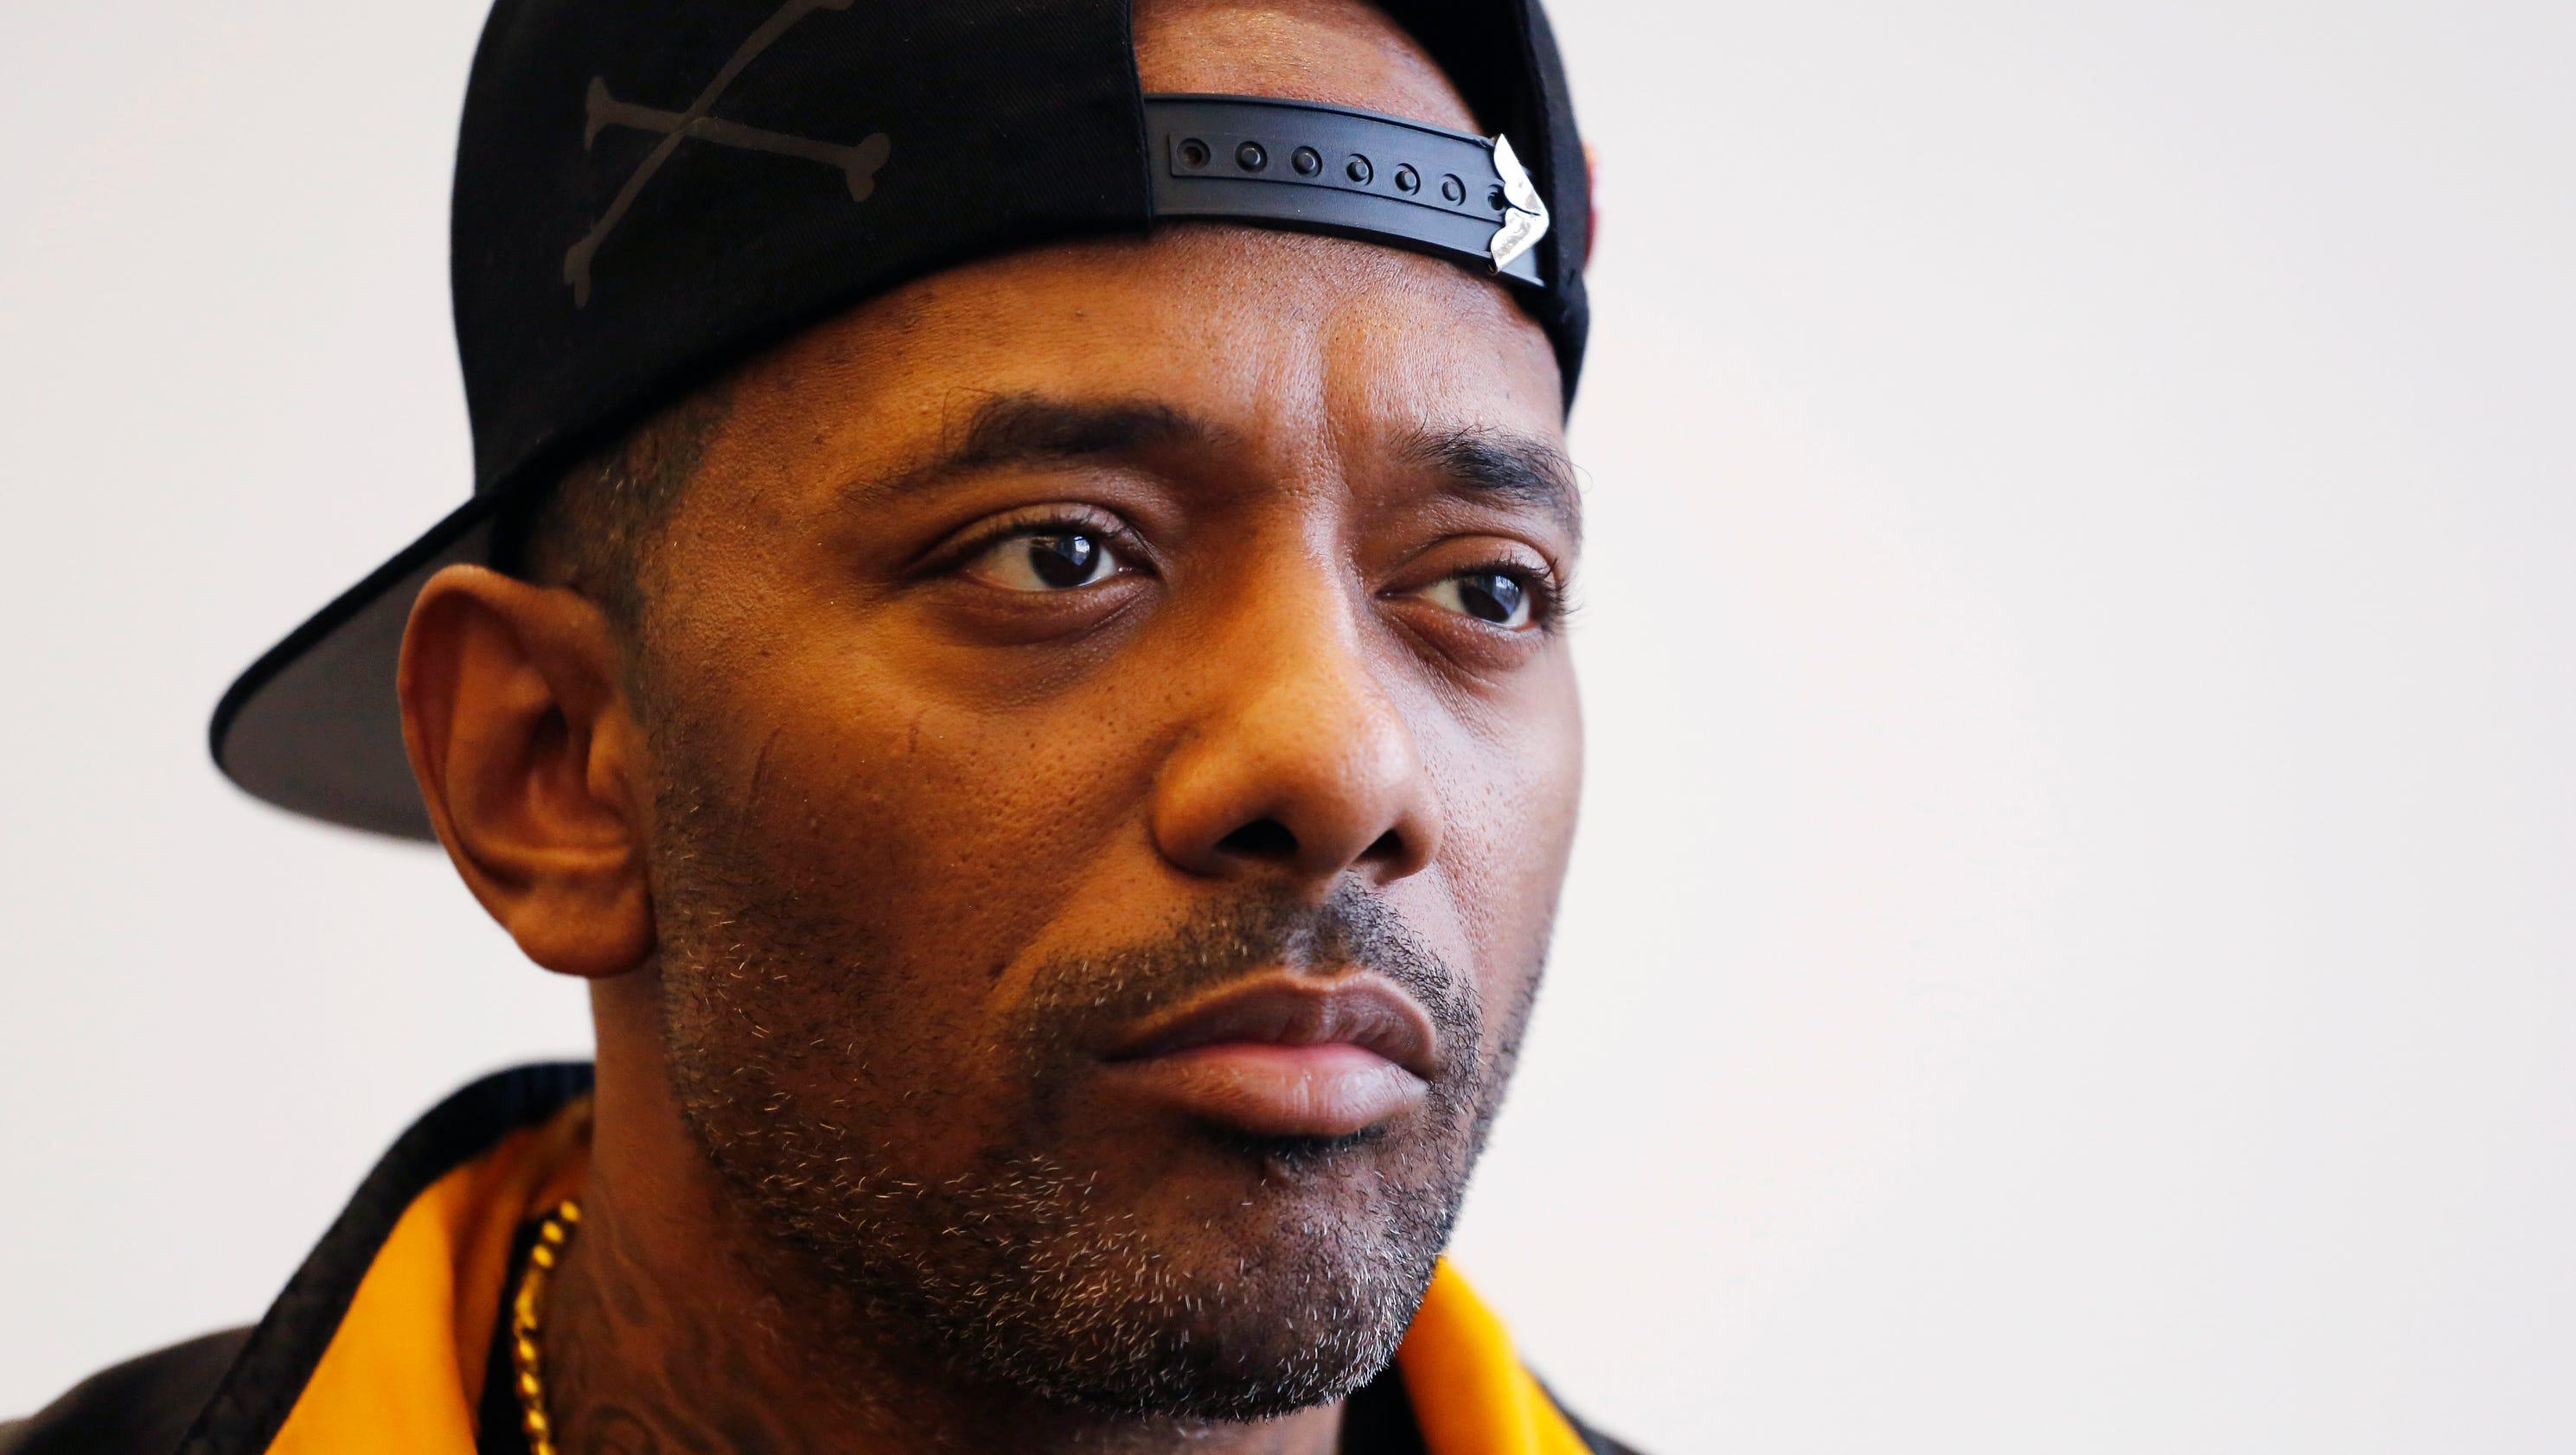 Mobb Deep rapper Prodigy dead at 42; Lil Wayne, Ciara ...